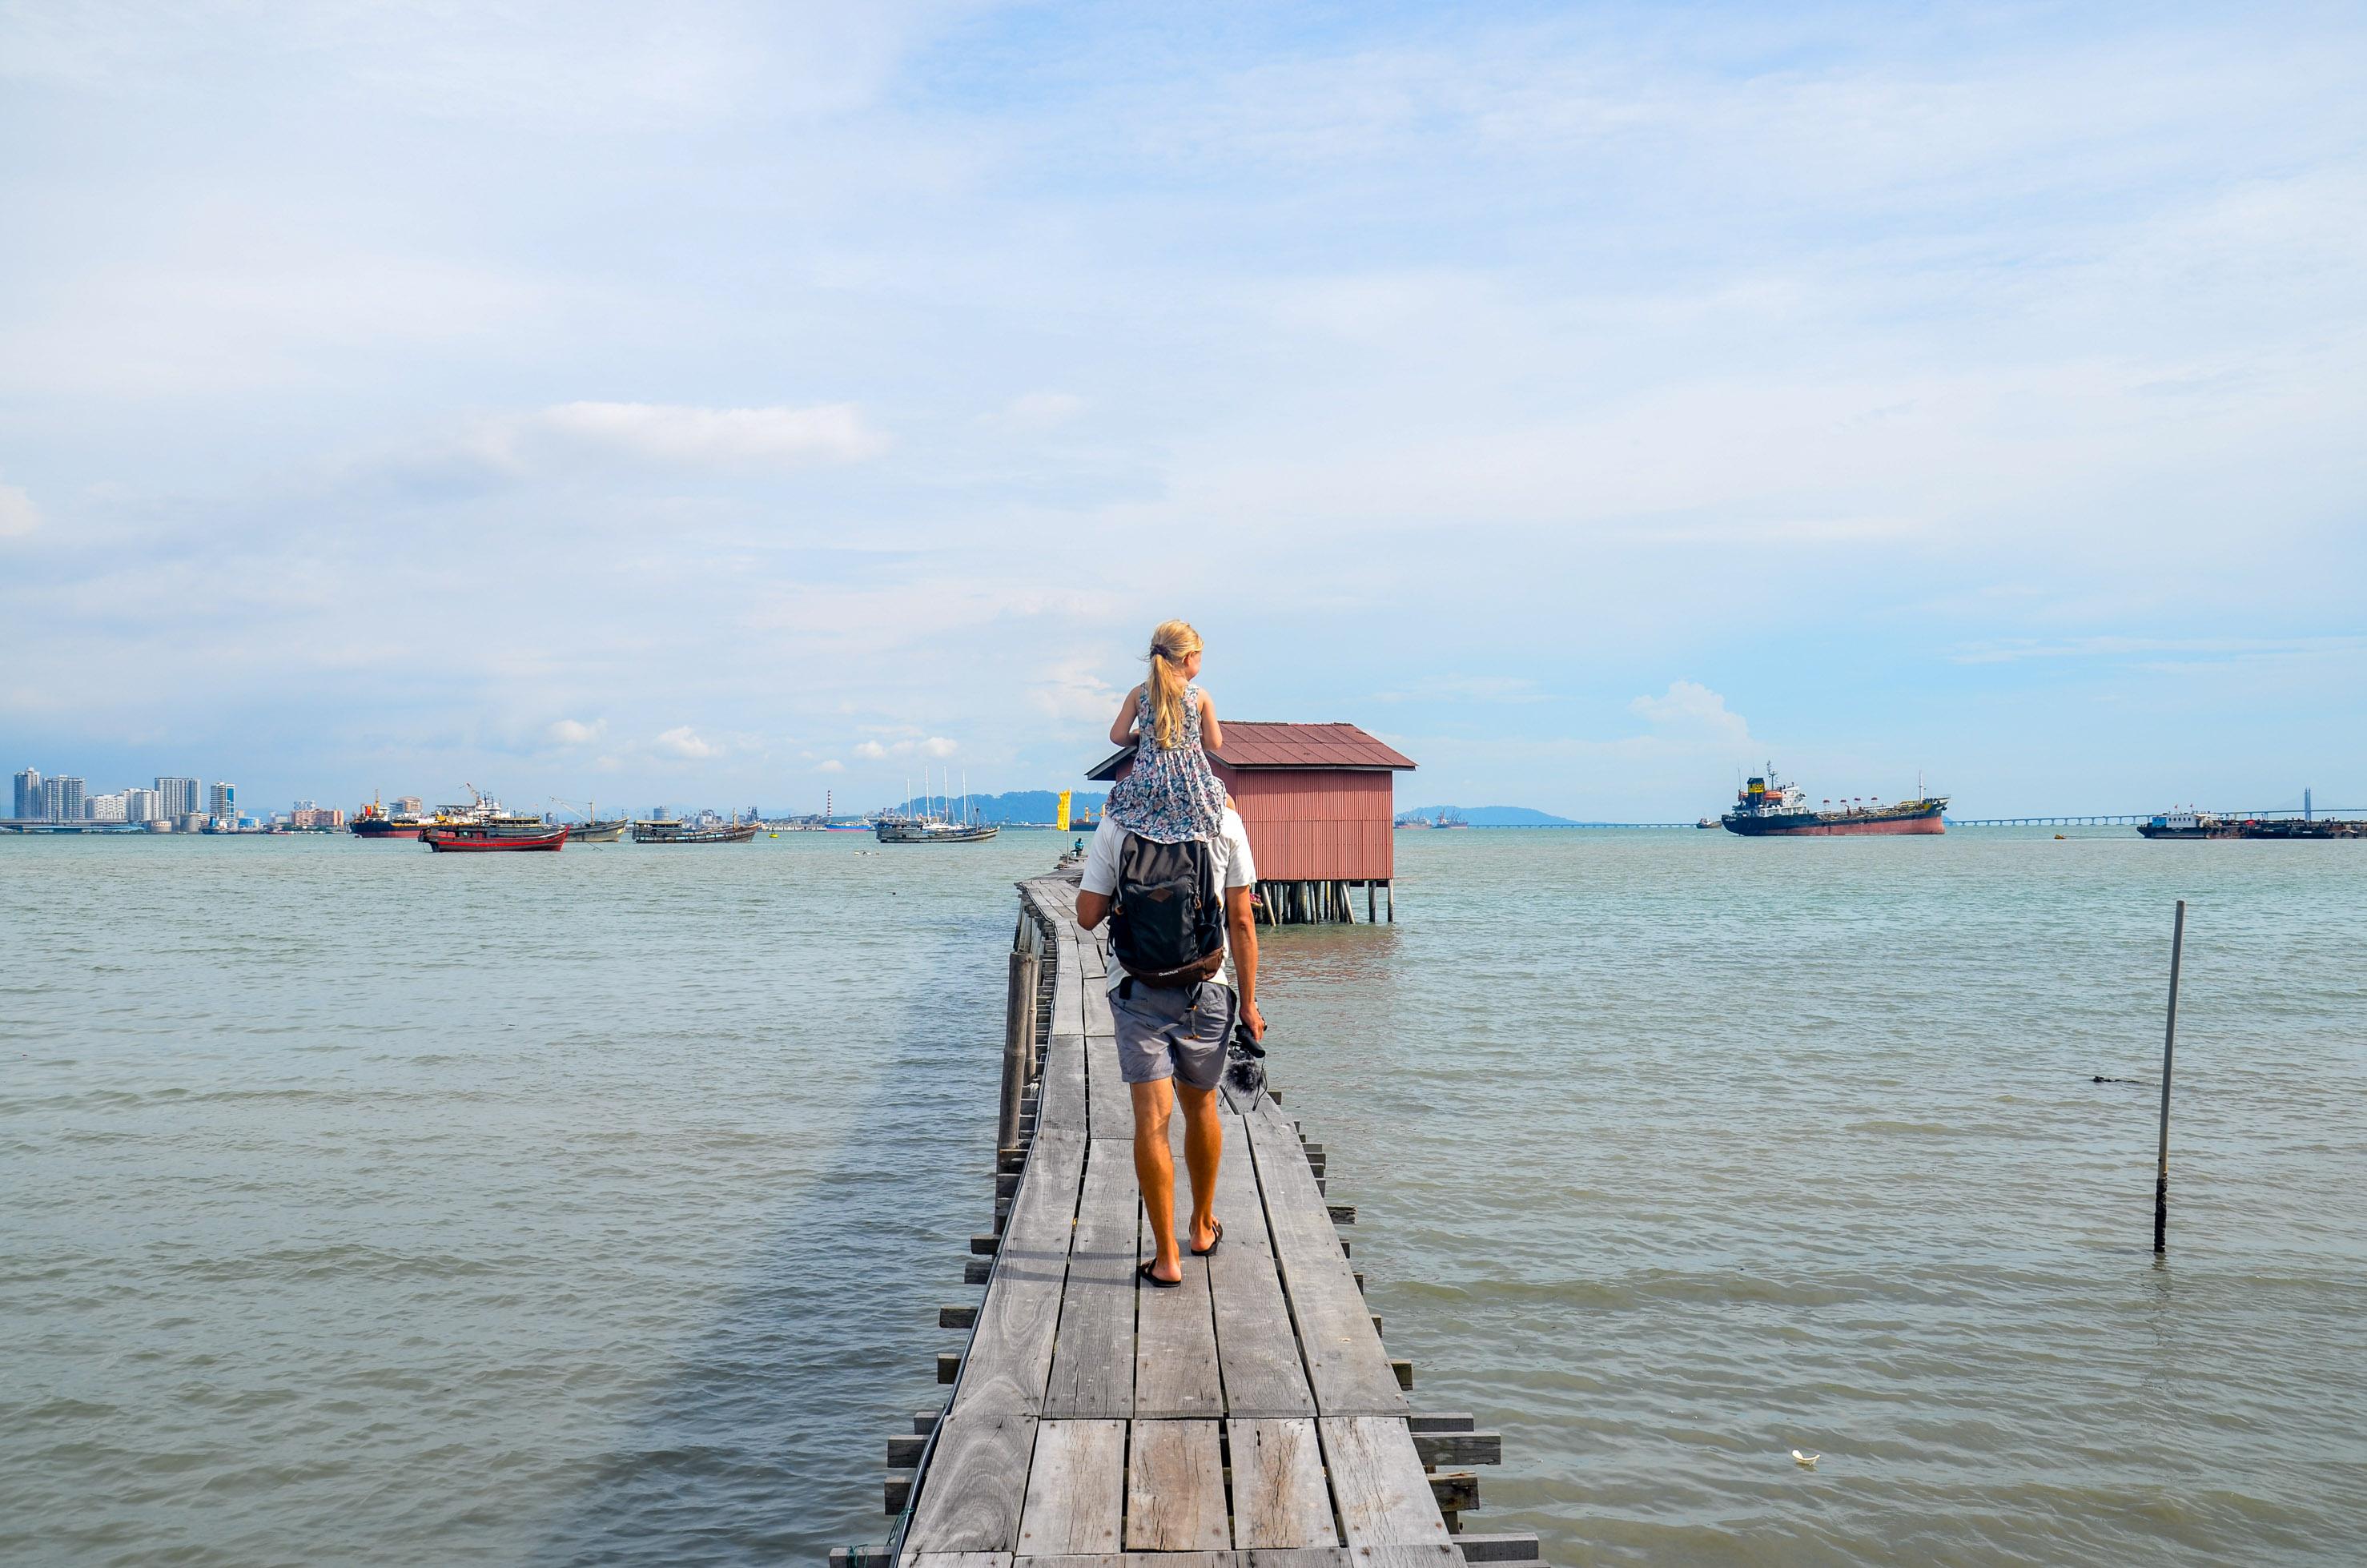 Chińska dzielnica na wodzie. Penang, Malezja.